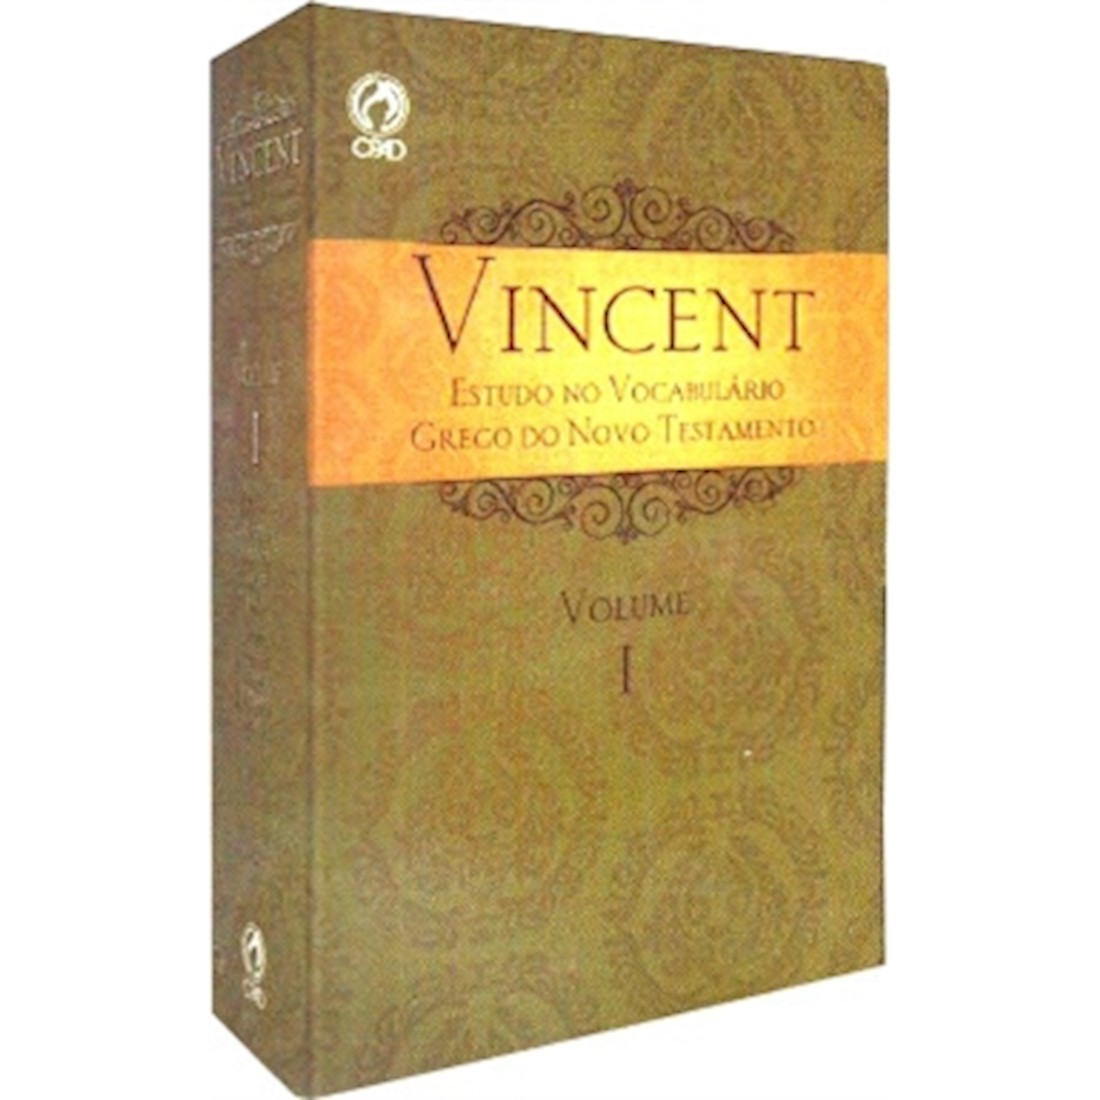 Livro Vincent - Estudo no Vocabulário Grego do Novo Testamento - VOL 1